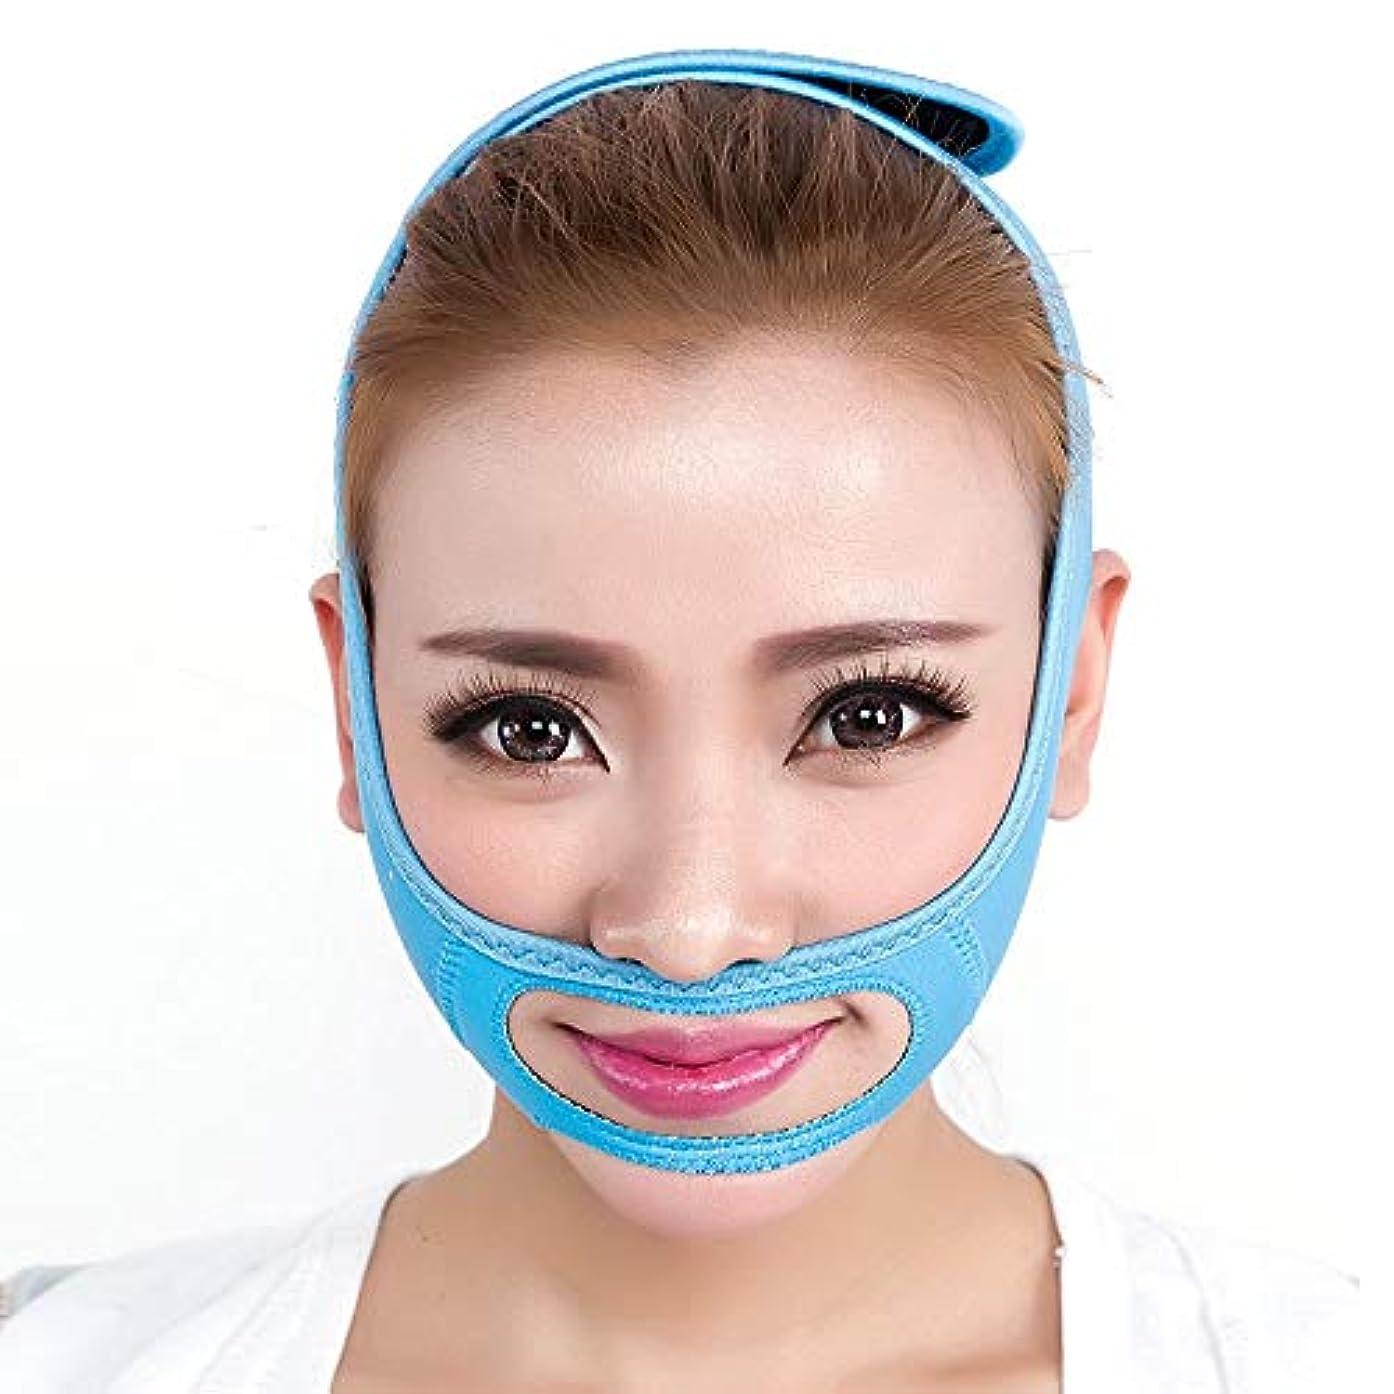 品揃え骨髄自殺Jia Jia- シンフェイスマスクシンフェイス包帯シンフェイスアーティファクトシンフェイスフェイシャルリフティングシンフェイススモールVフェイススリープシンフェイスベルト 顔面包帯 (色 : B)